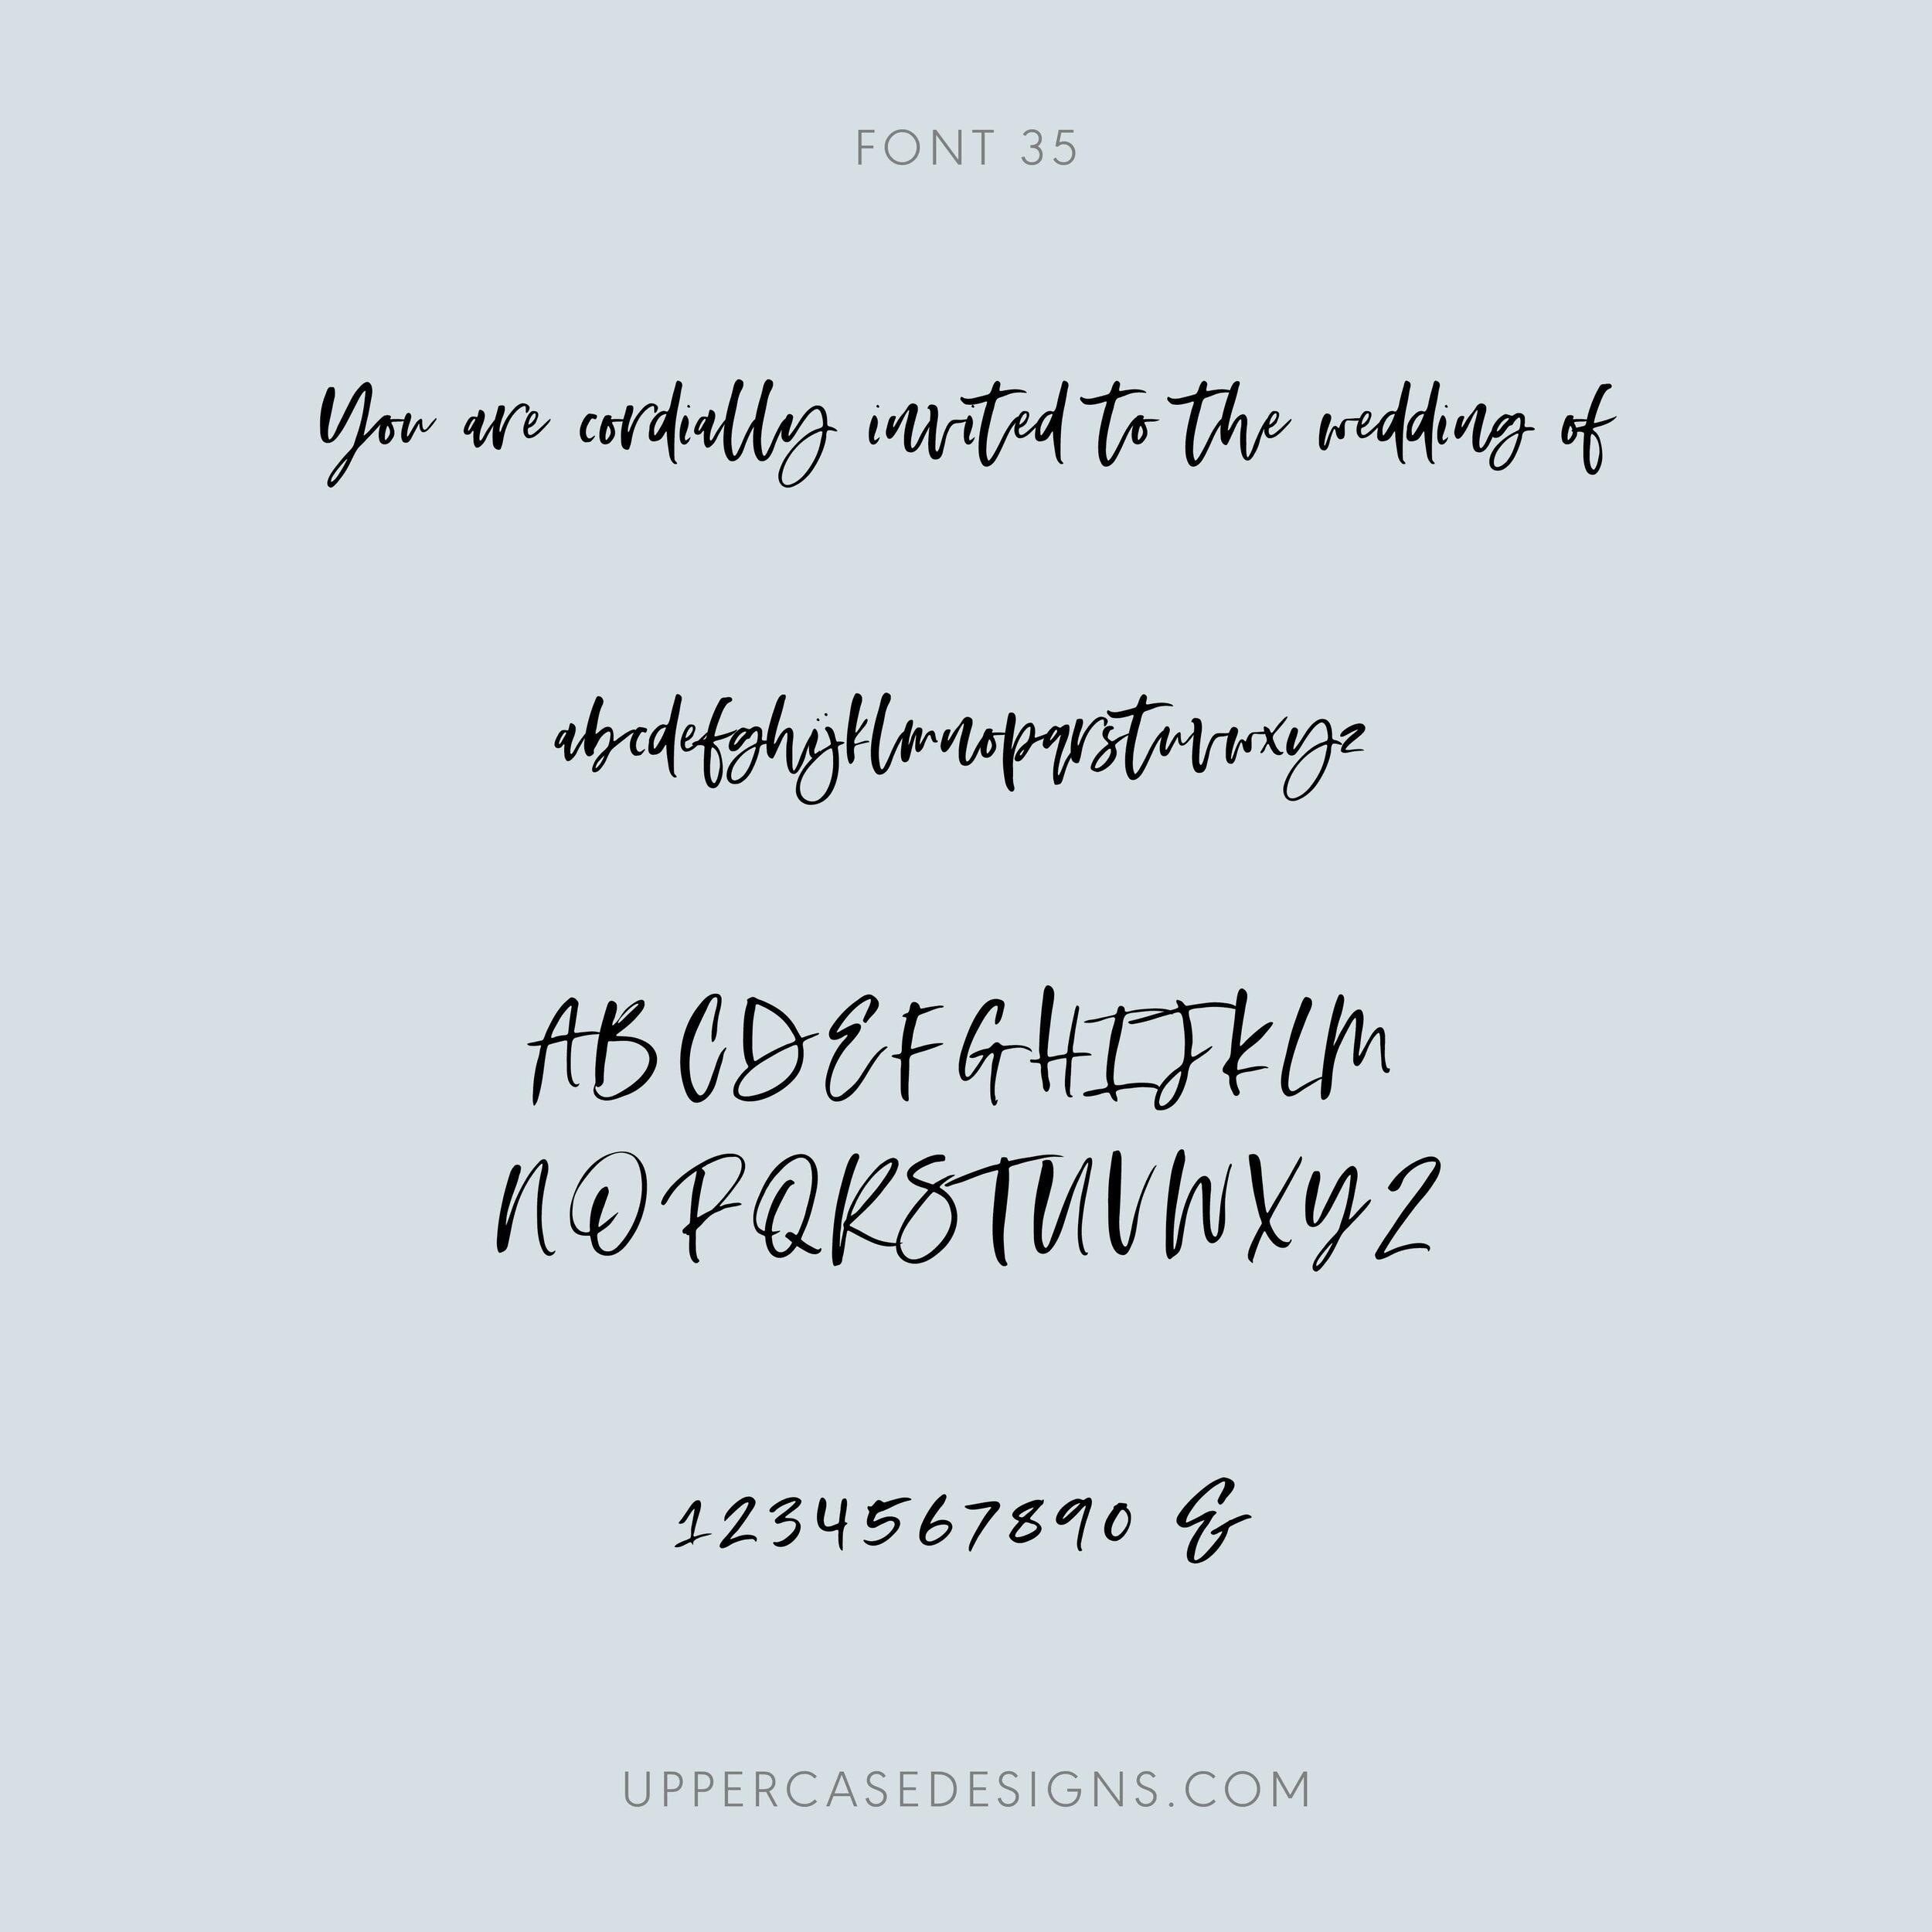 UppercaseDesigns-Fonts-202035.jpg